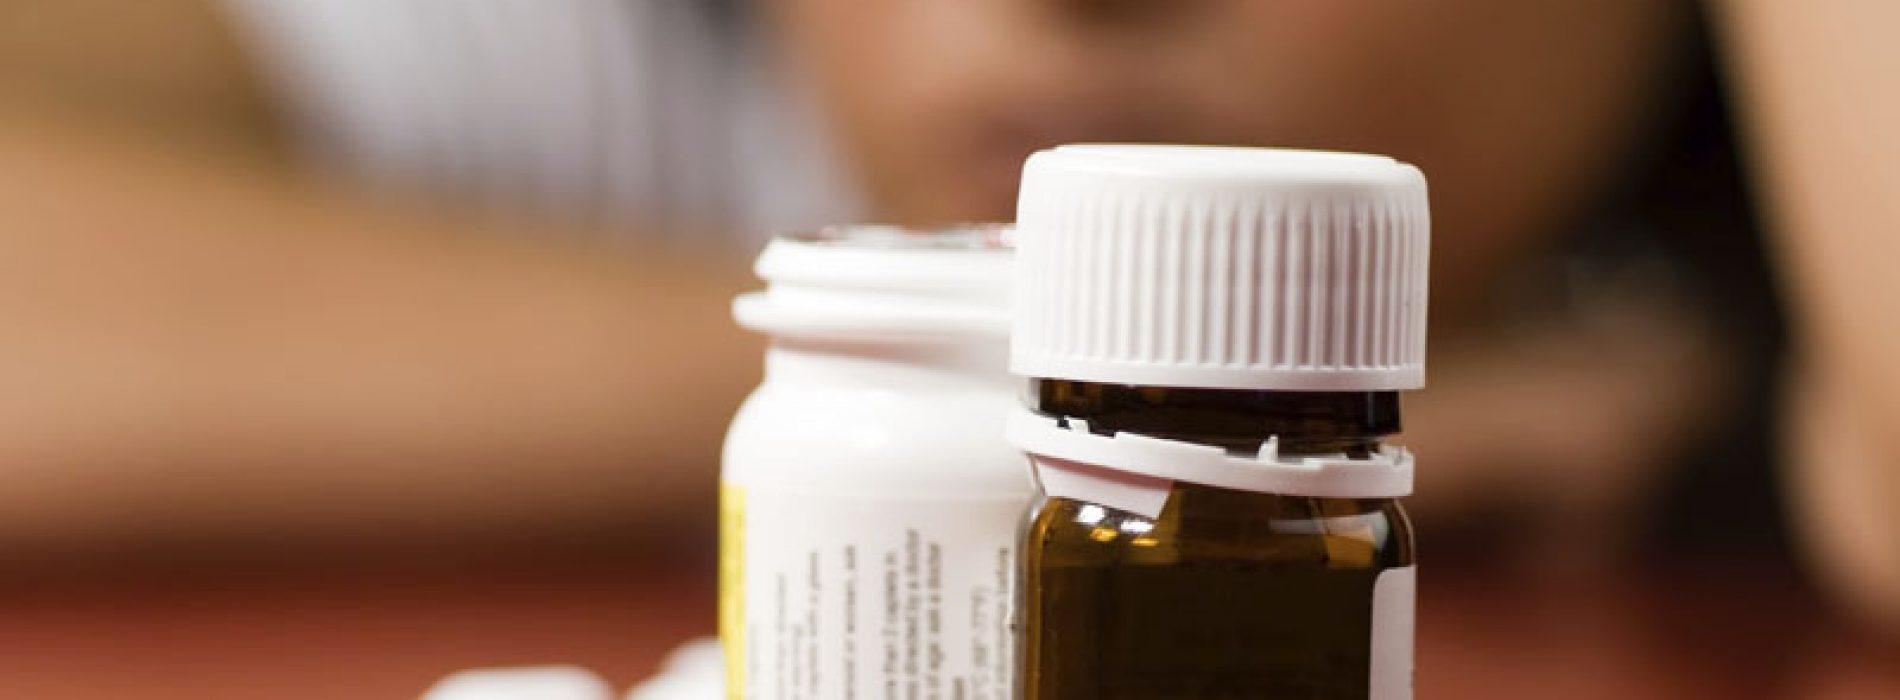 hooikoorts pillen bijwerkingen